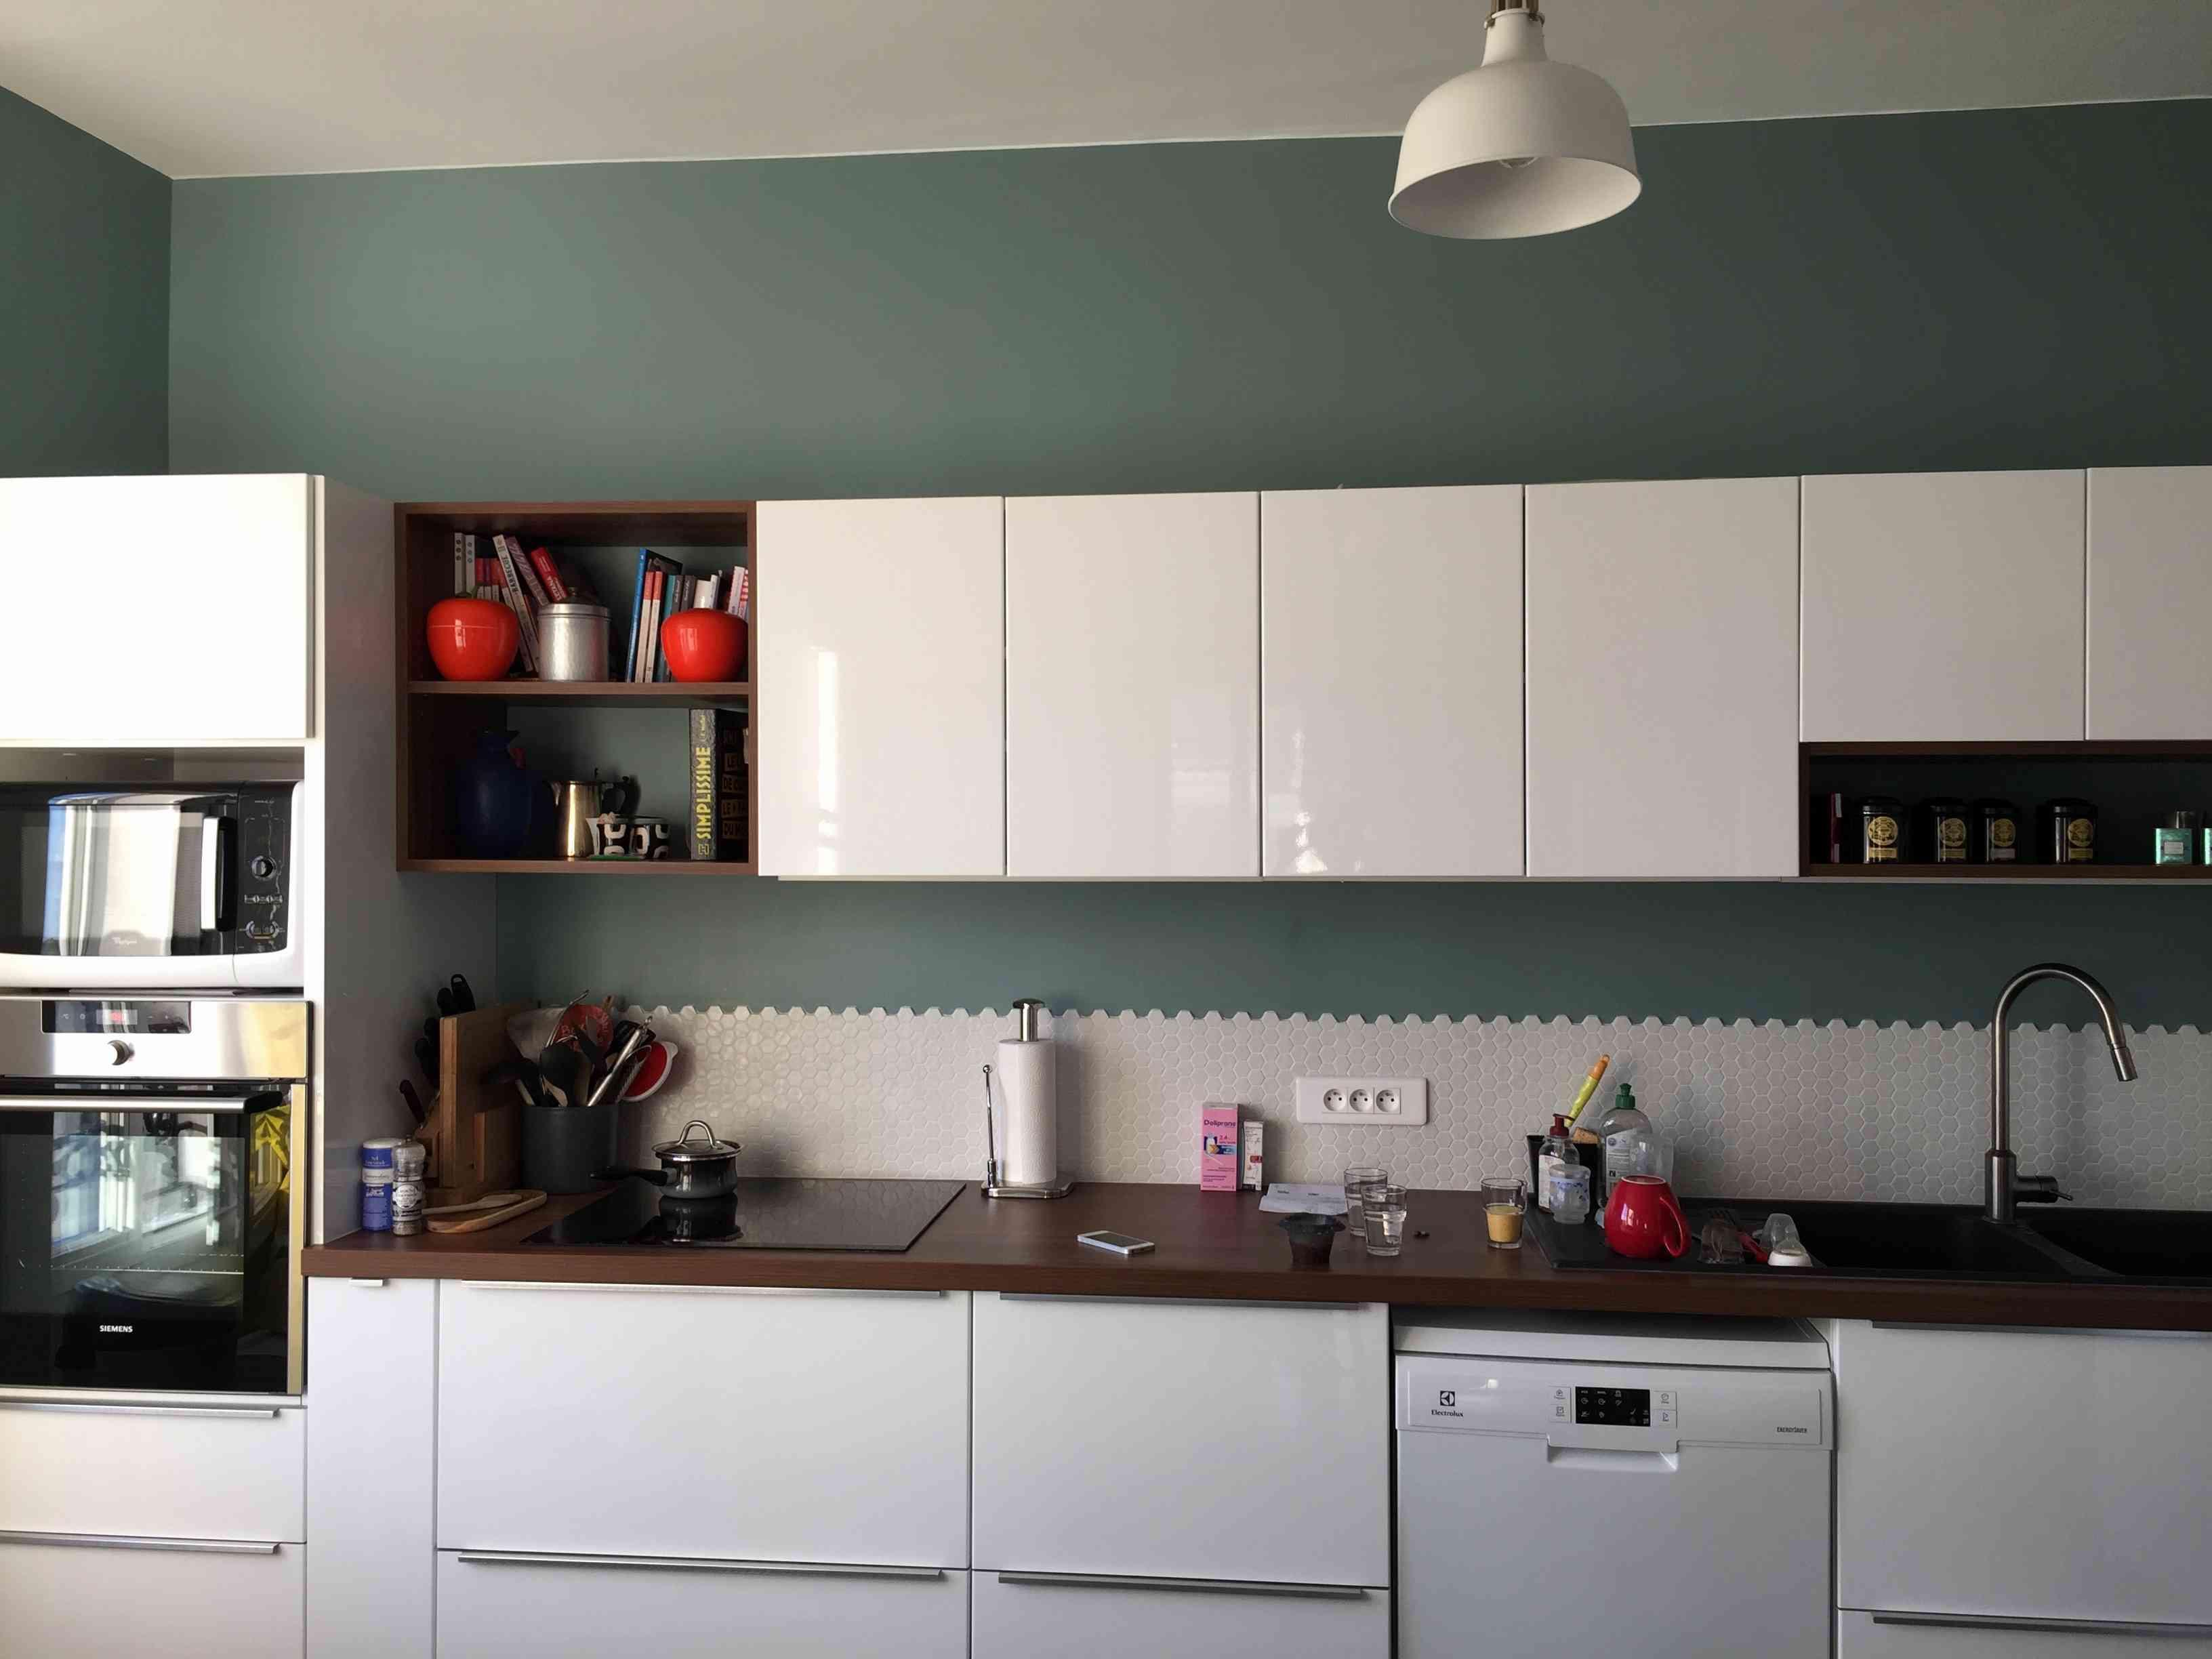 Jouet Cuisine Ikea Beau Photos Ikea Cuisine Logiciel De Luxe Simulateur Cuisine Ikea Meilleur De